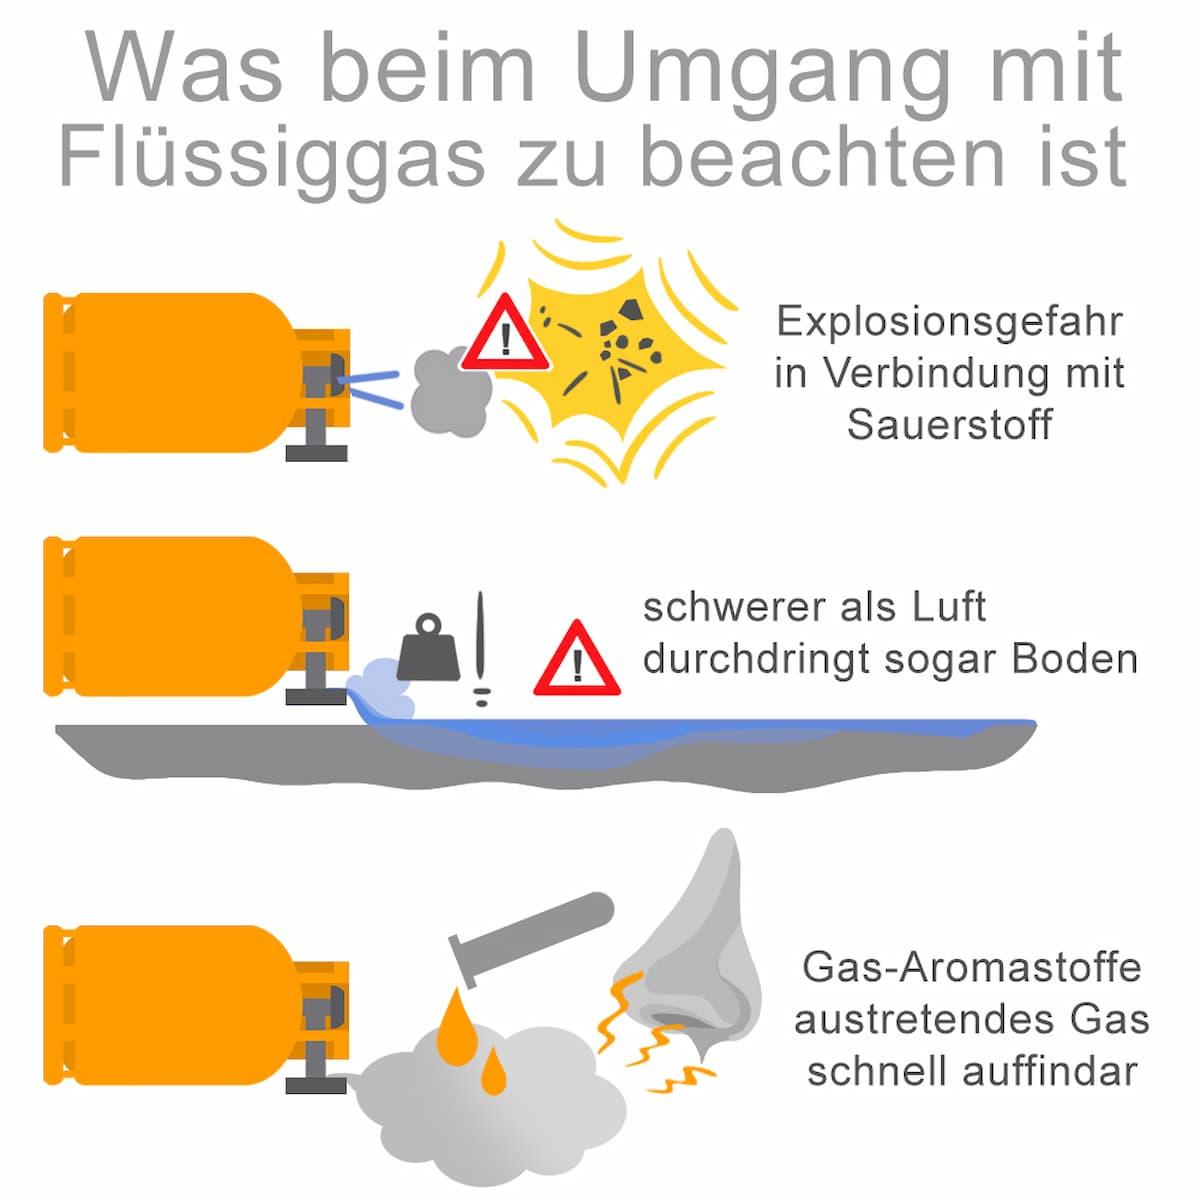 Was beim Umgang mit Flüssiggas zu beachten ist